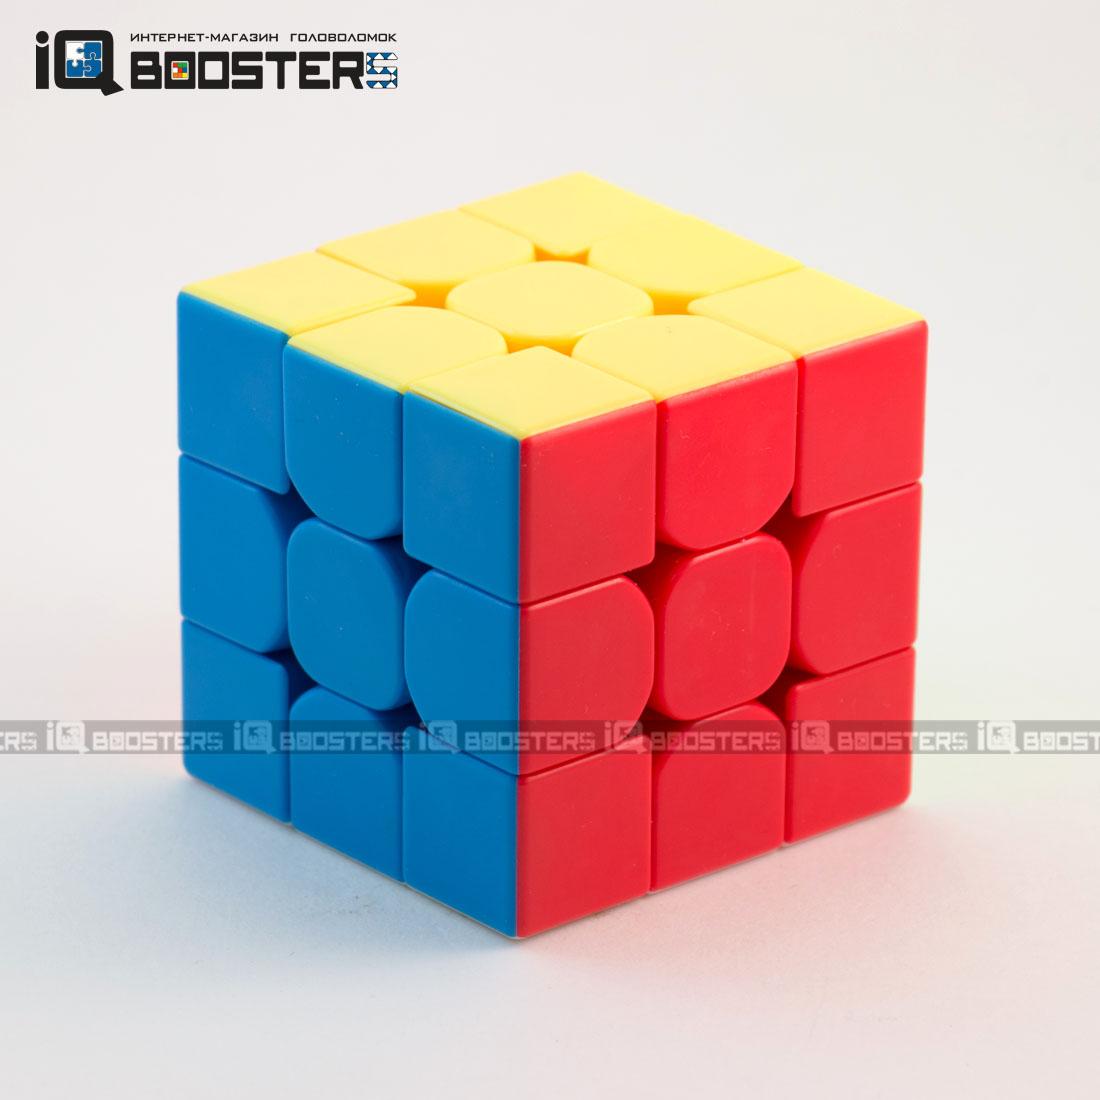 z_3x3_magnetic_1c